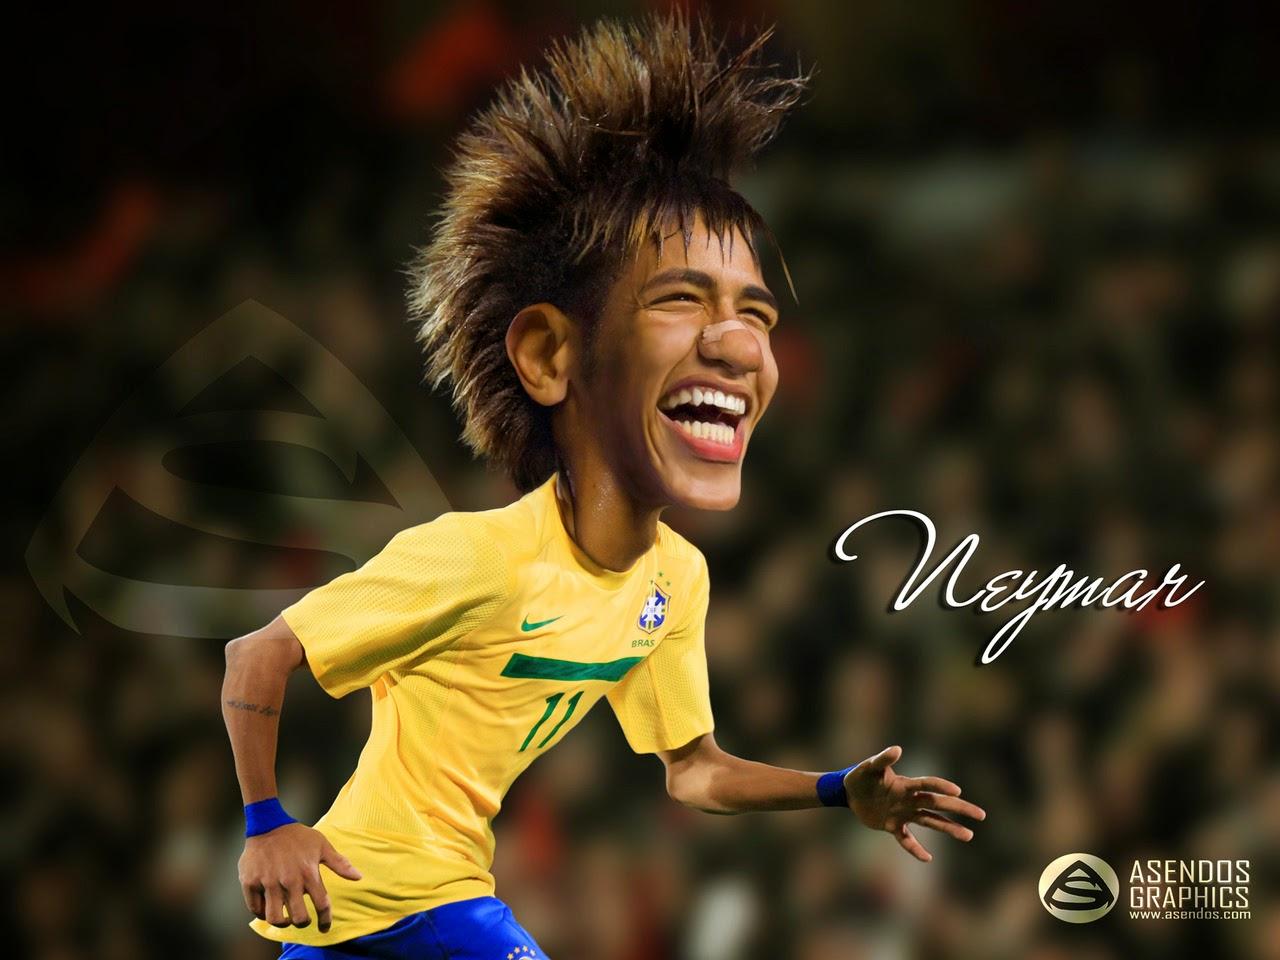 Gambar Karikatur Neymar Piala Dunia 2014 Pemain Sepakbola Brazil World Cup